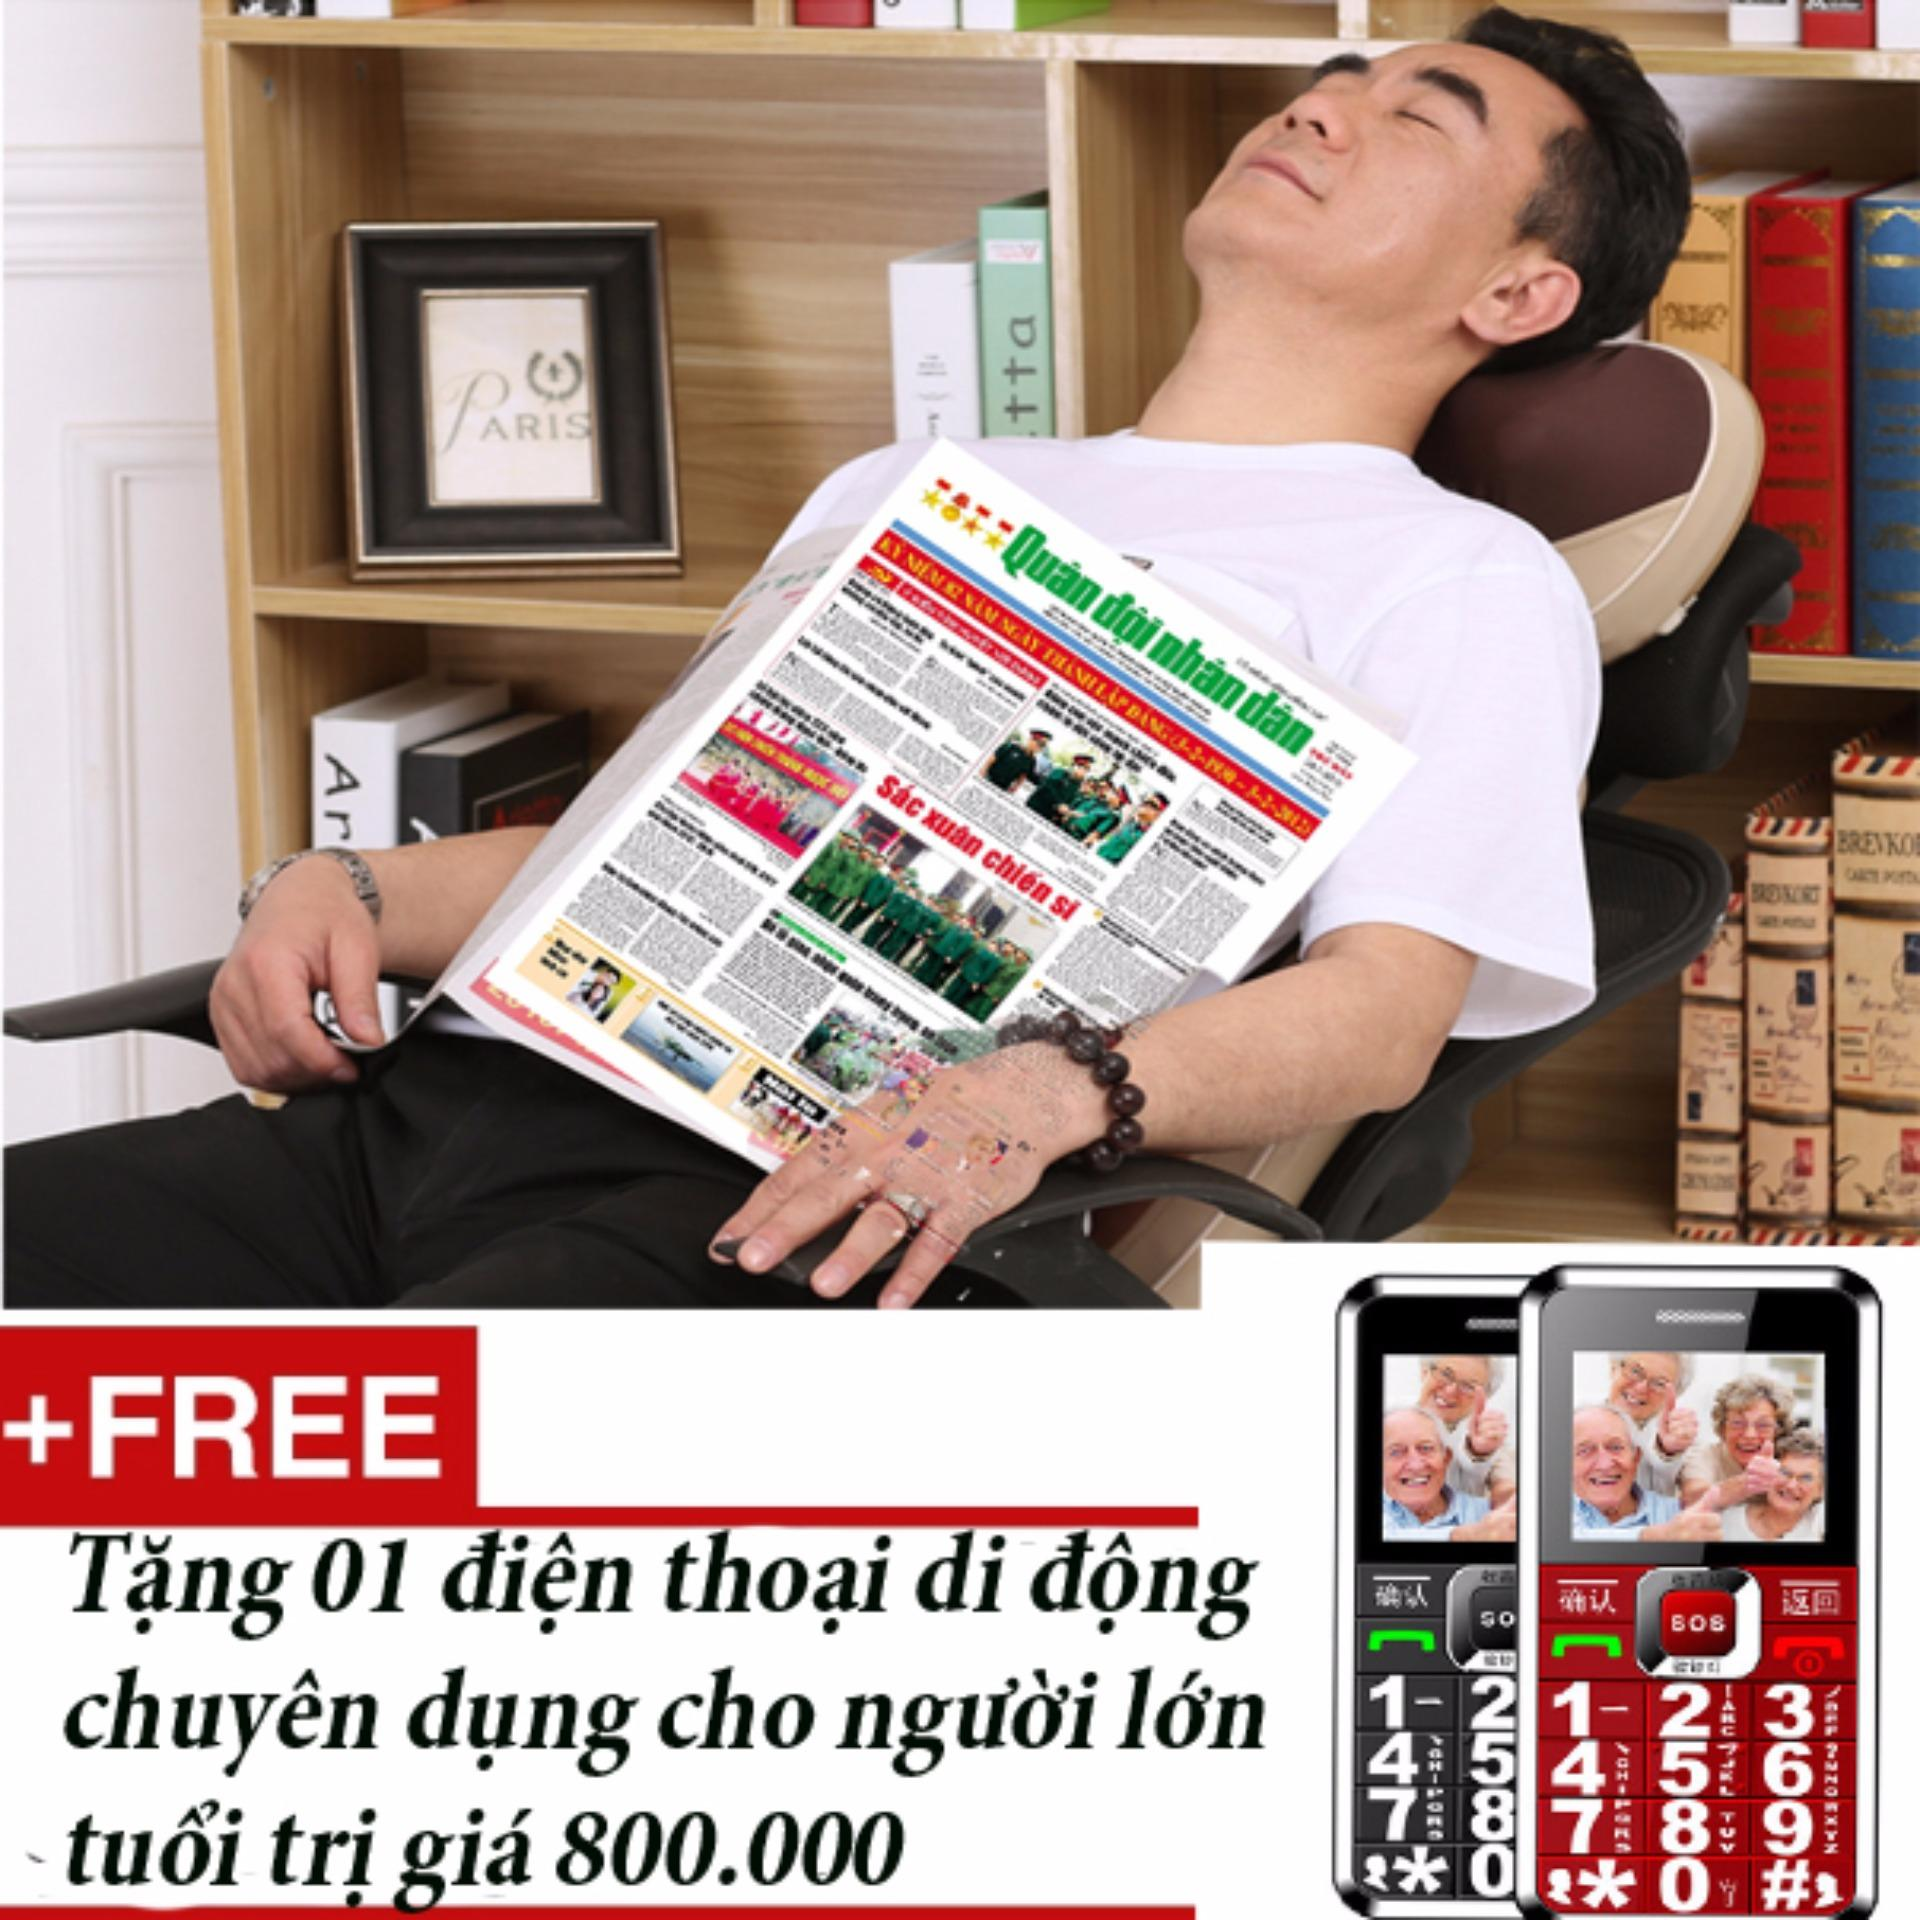 Đệm ghế massage lưng cổ, cột sống + Tặng 01 điện thoại di động dành cho người lớn tuổi